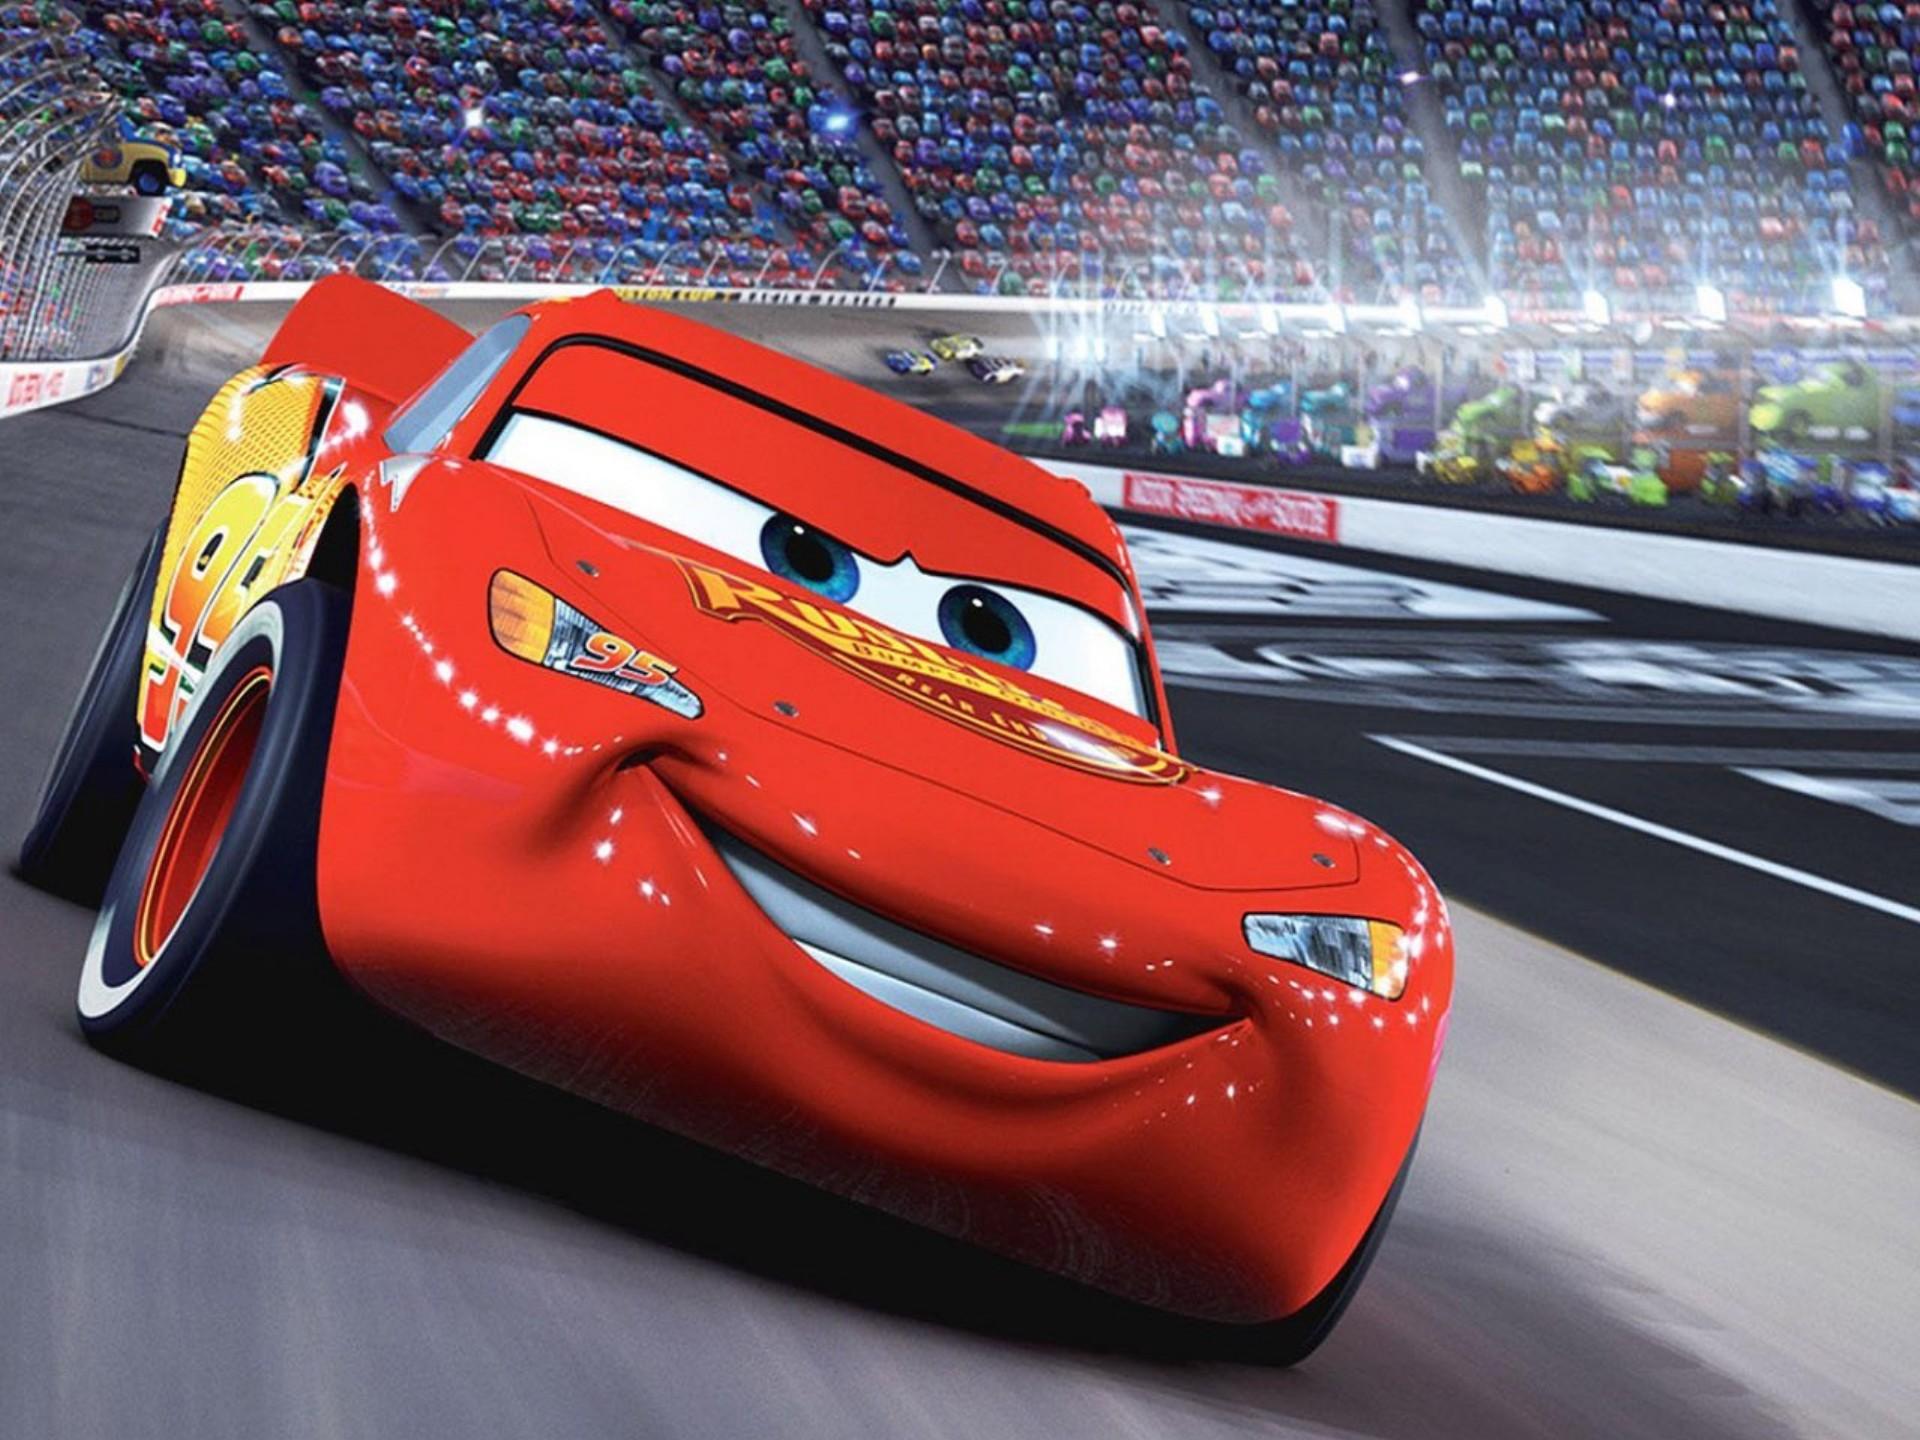 Carros Dos Desenhos Animados 14 Papel De Parede Cars Cartoon